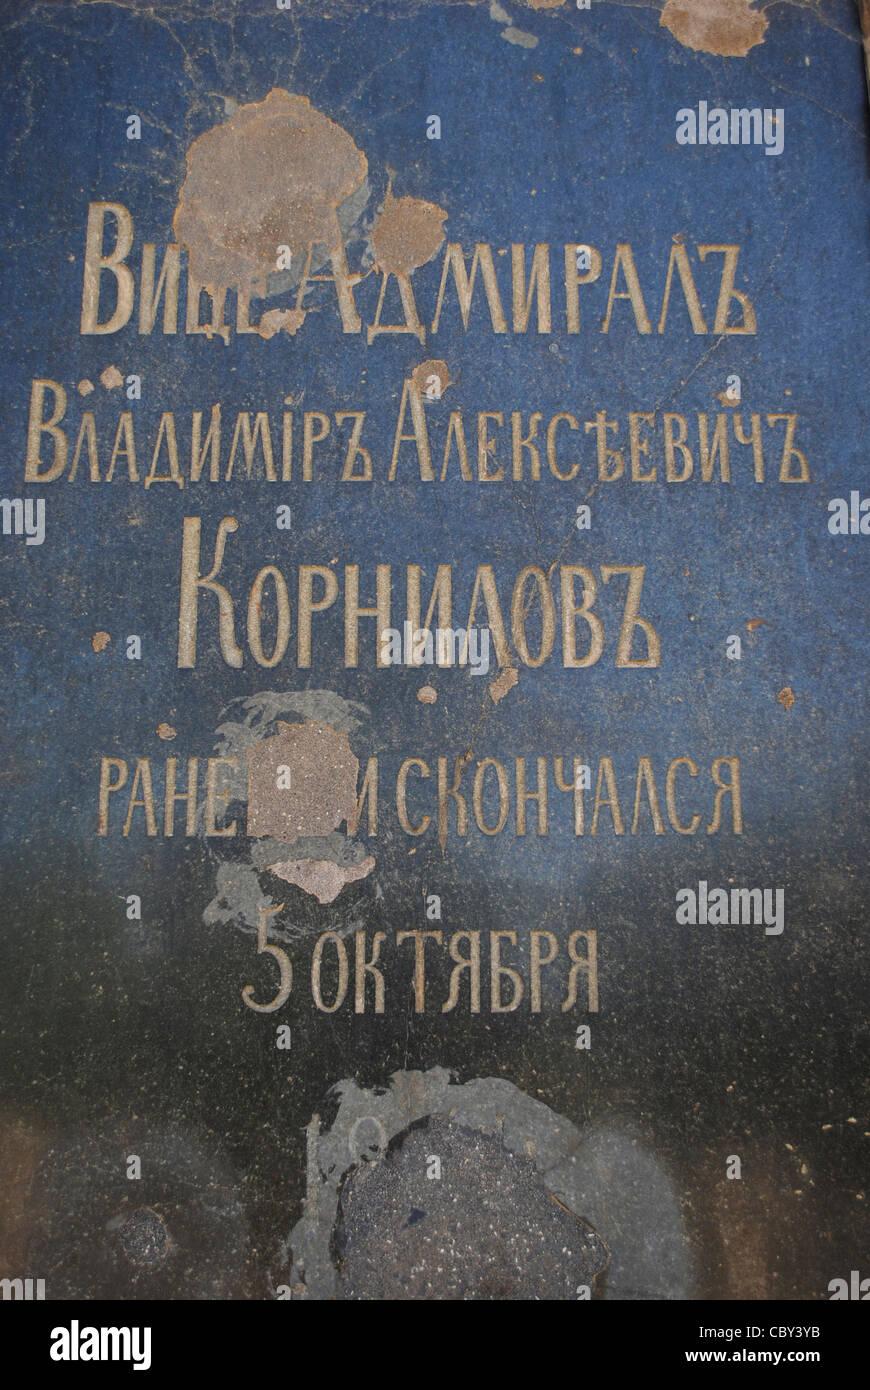 Ukraine. Sevastopol. St. Vladimir's Cathedral. Commemorative plaque of Admiral Vladimir Alekseyevich Kornilov - Stock Image